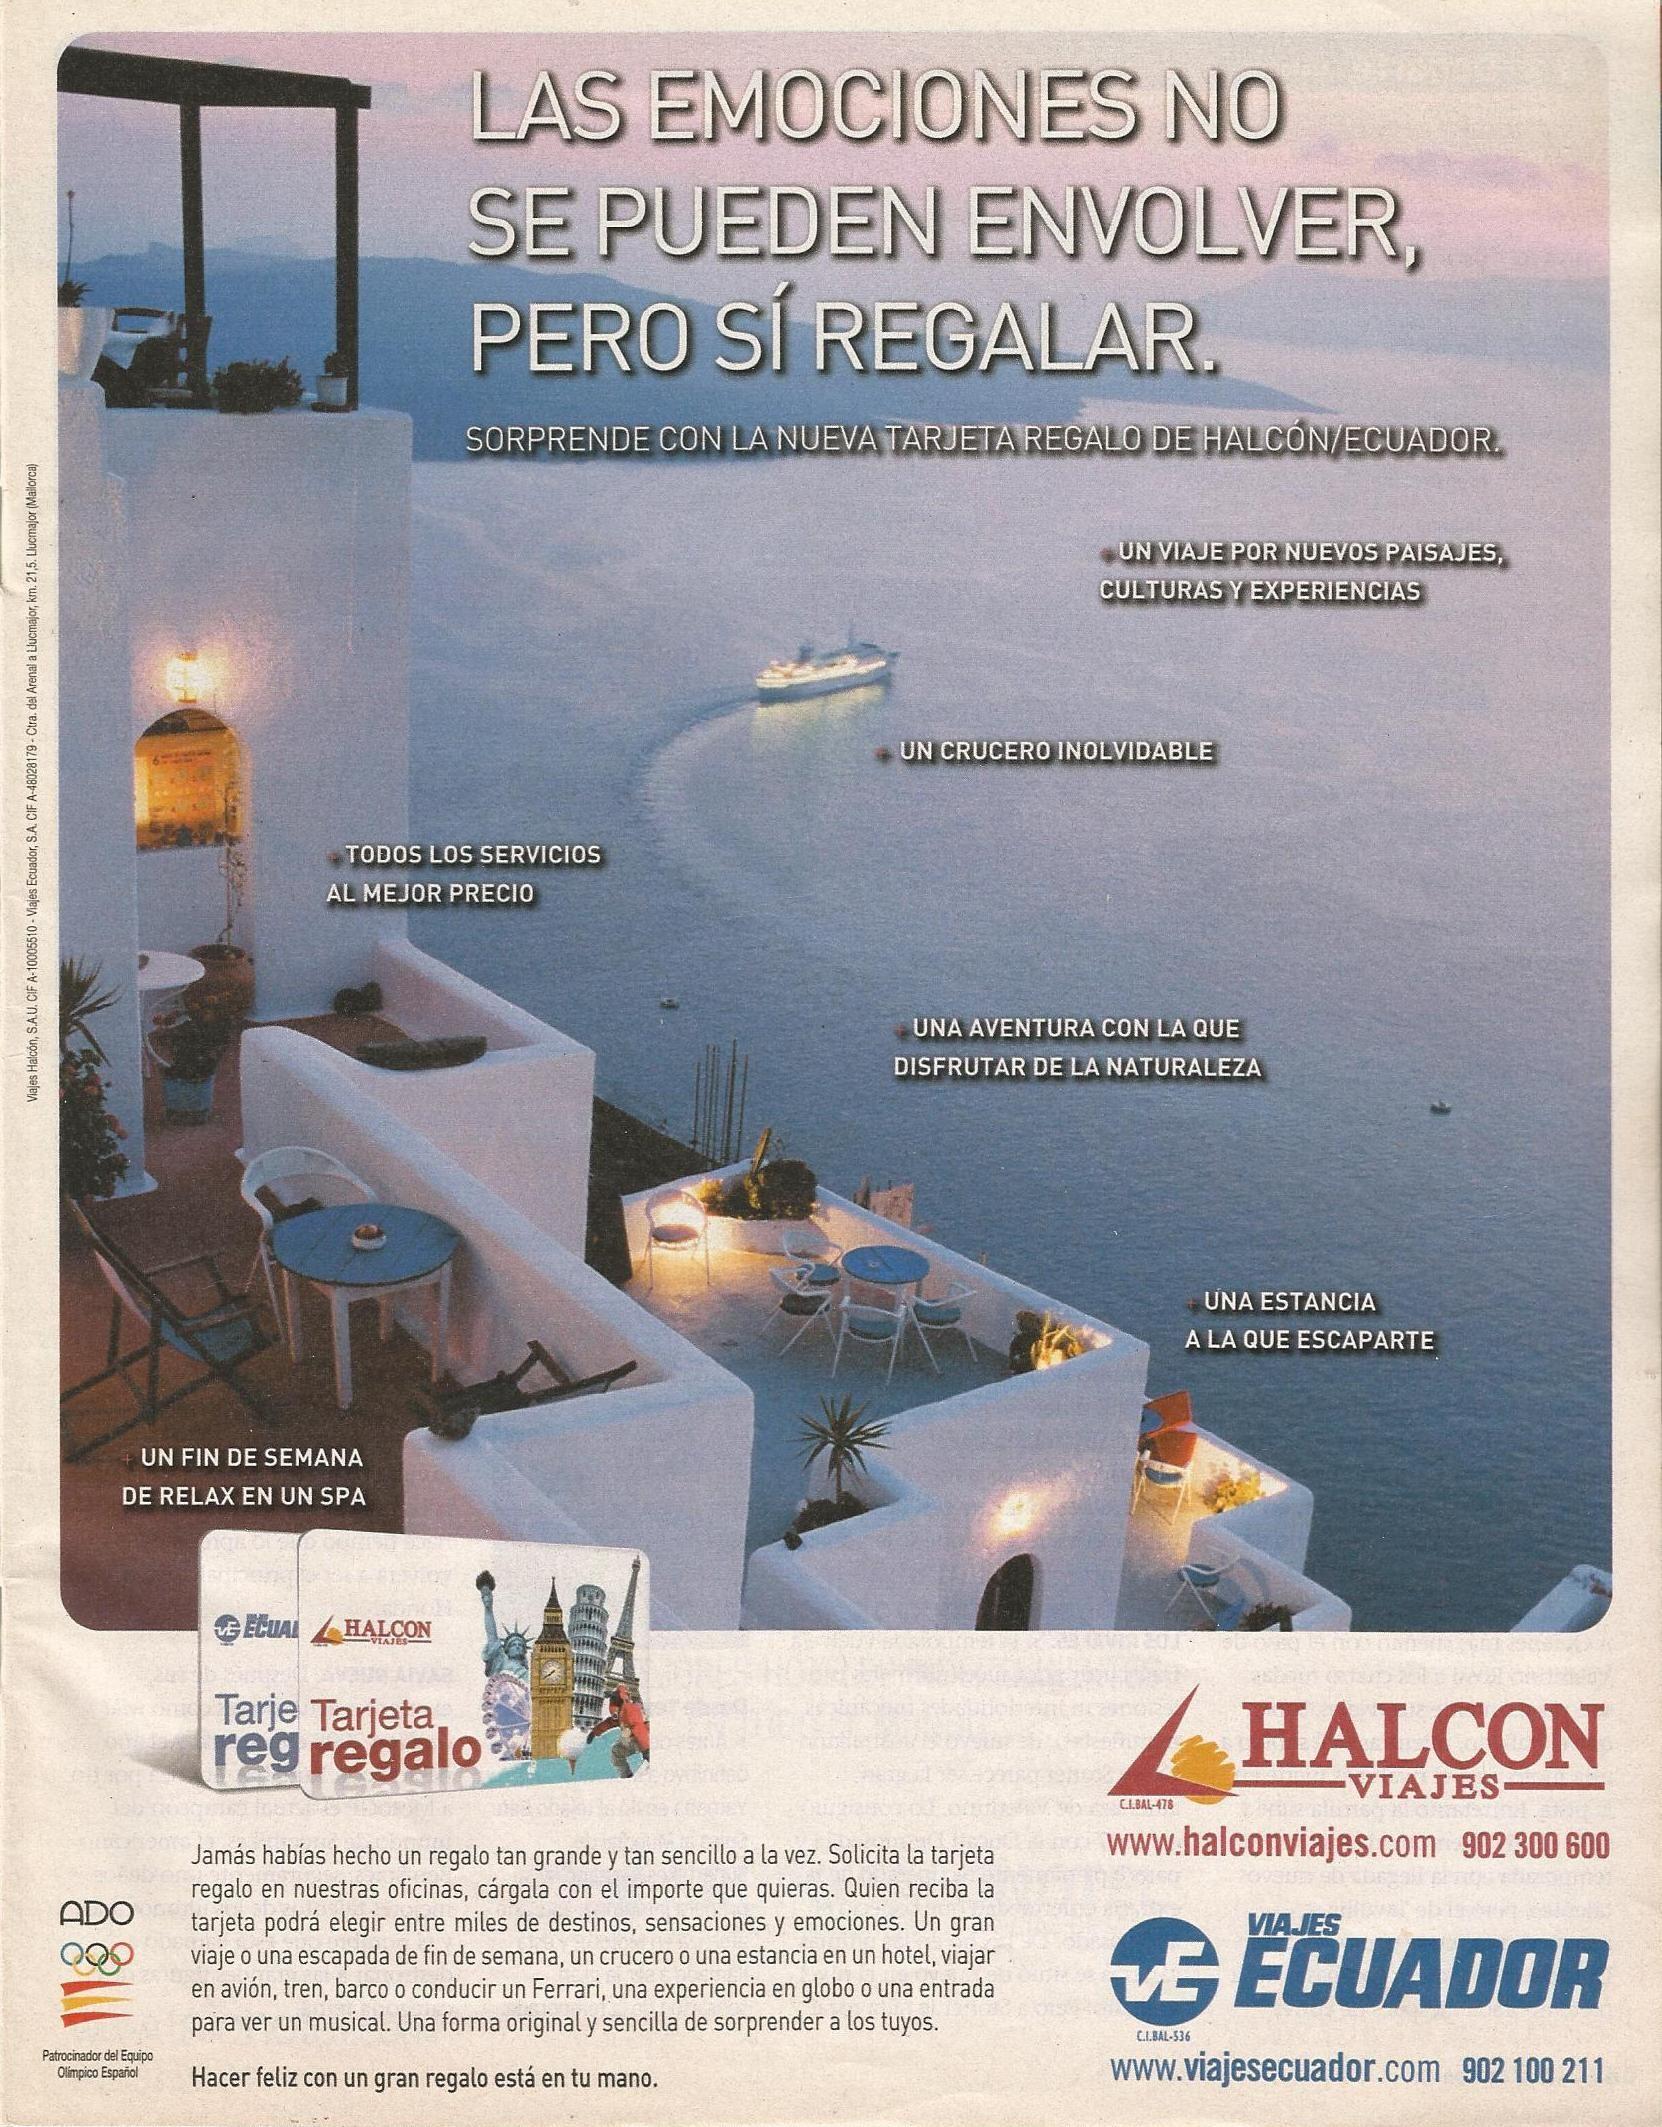 Viajes Halcón-Ecuador, ene 2010